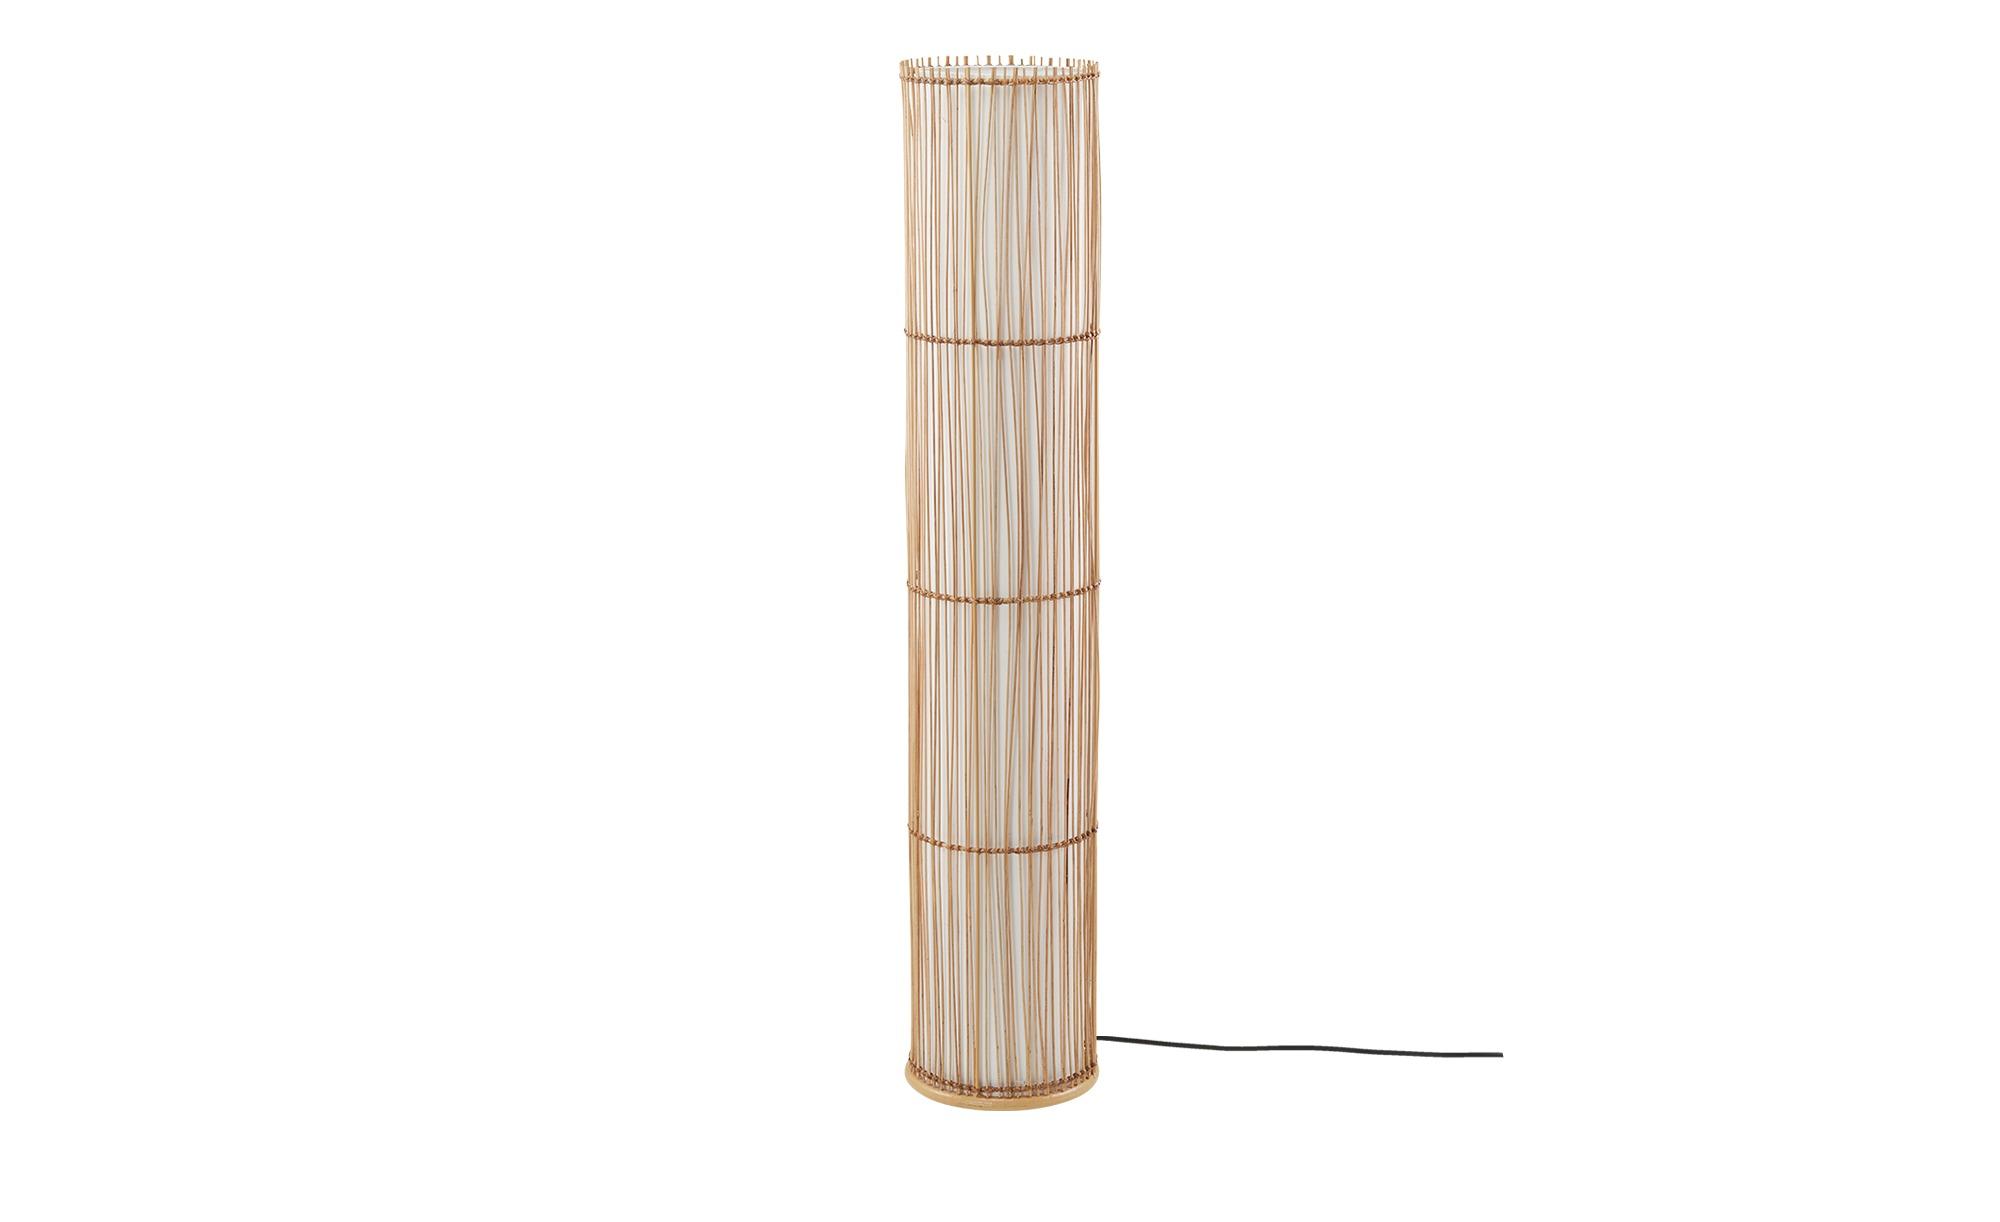 KHG Stehleuchte, 1-flammig, Schirm aus Weidenholz ¦ holzfarben ¦ Maße (cm): H: 150 Ø: 28 Lampen & Leuchten > Innenleuchten > Stehlampen - Höffner